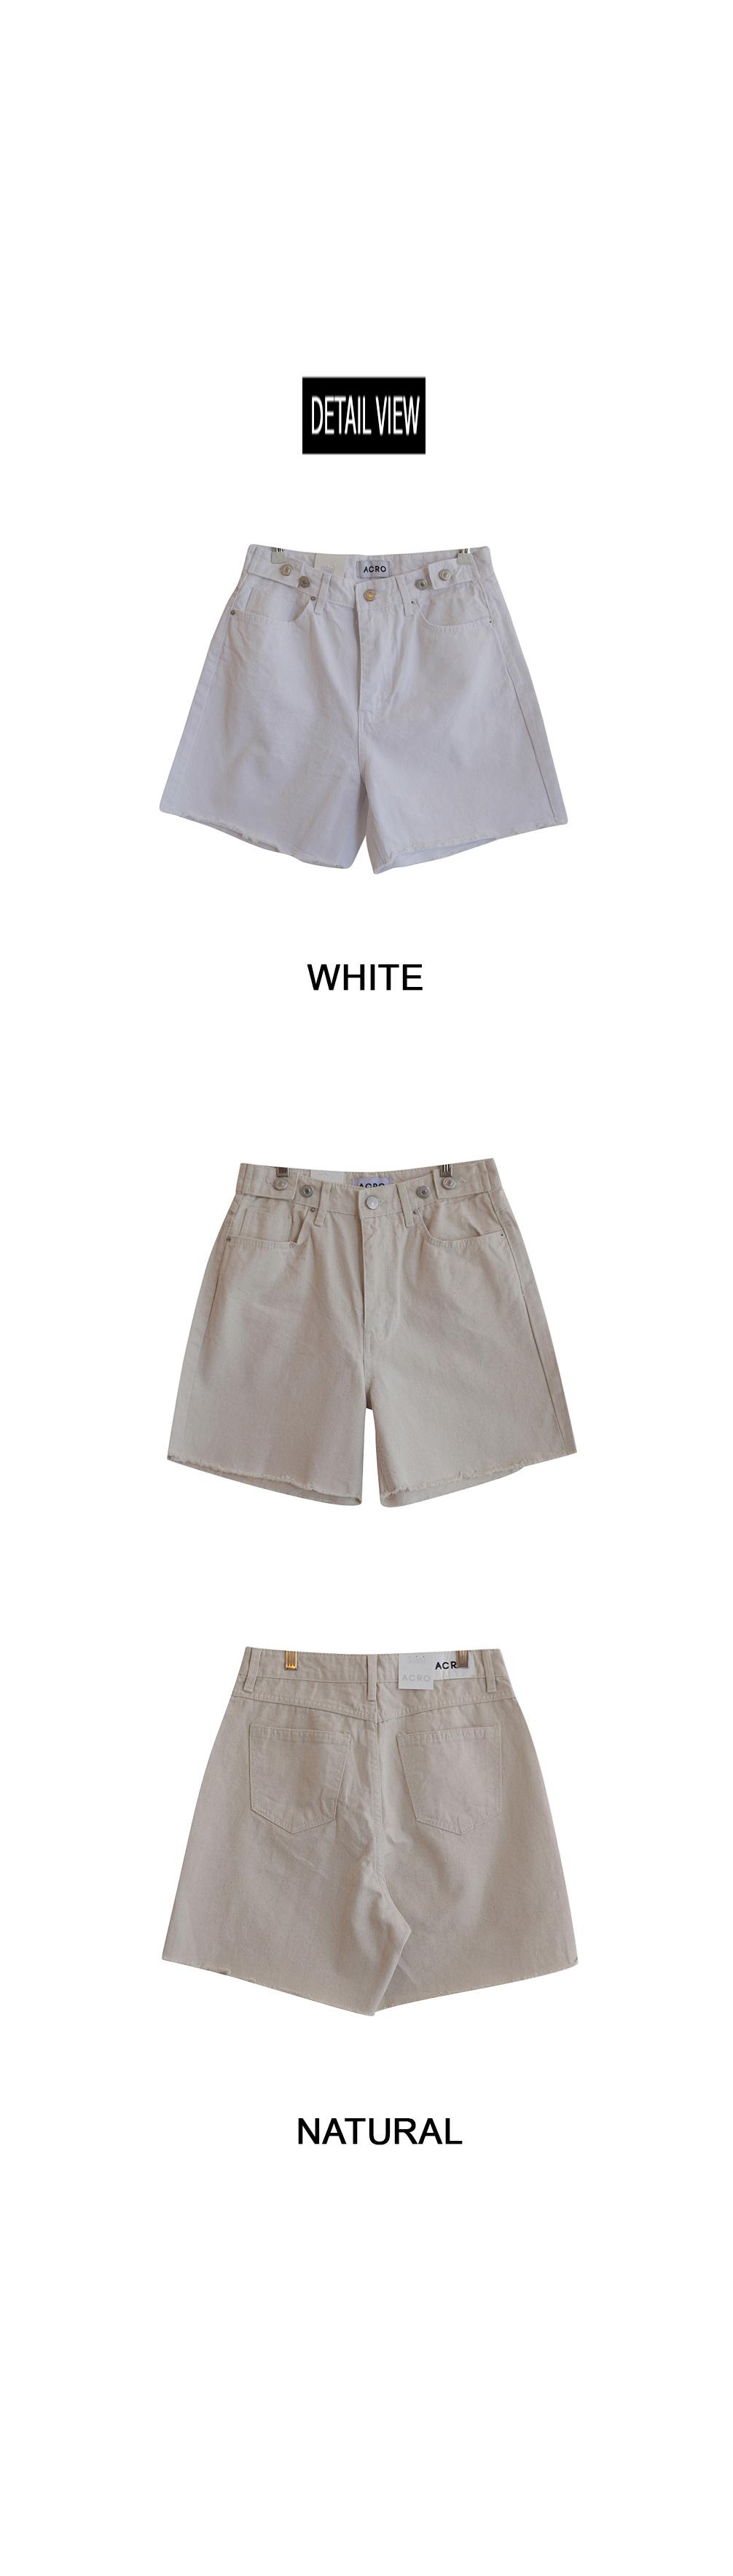 Natural Cutting Shorts